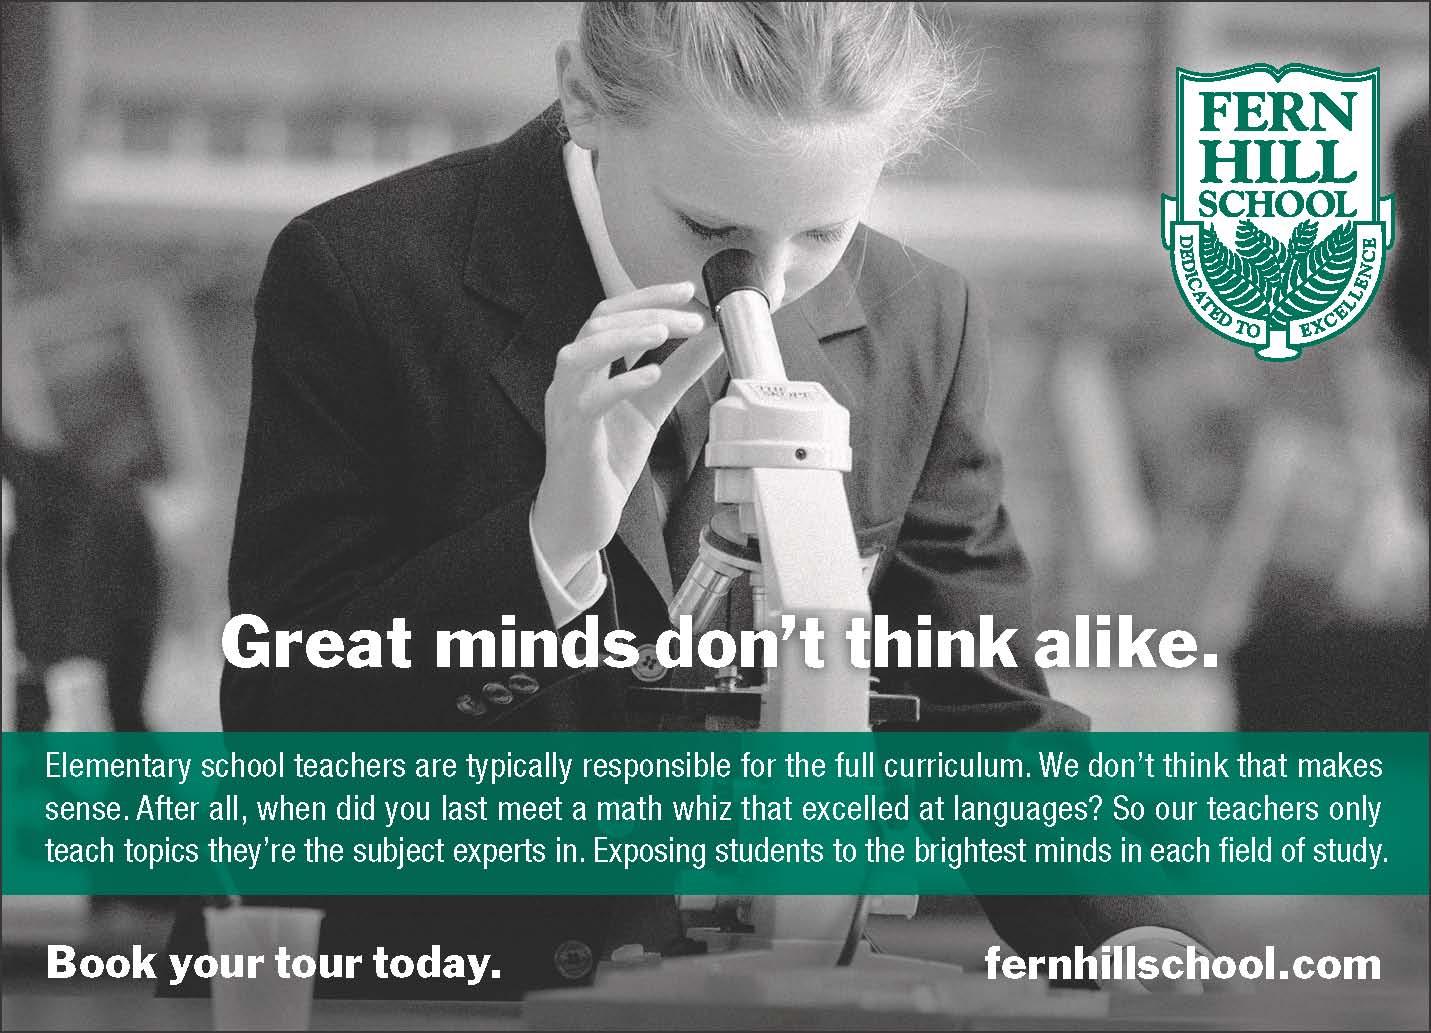 Fern Hill _Great minds_ ad.jpg